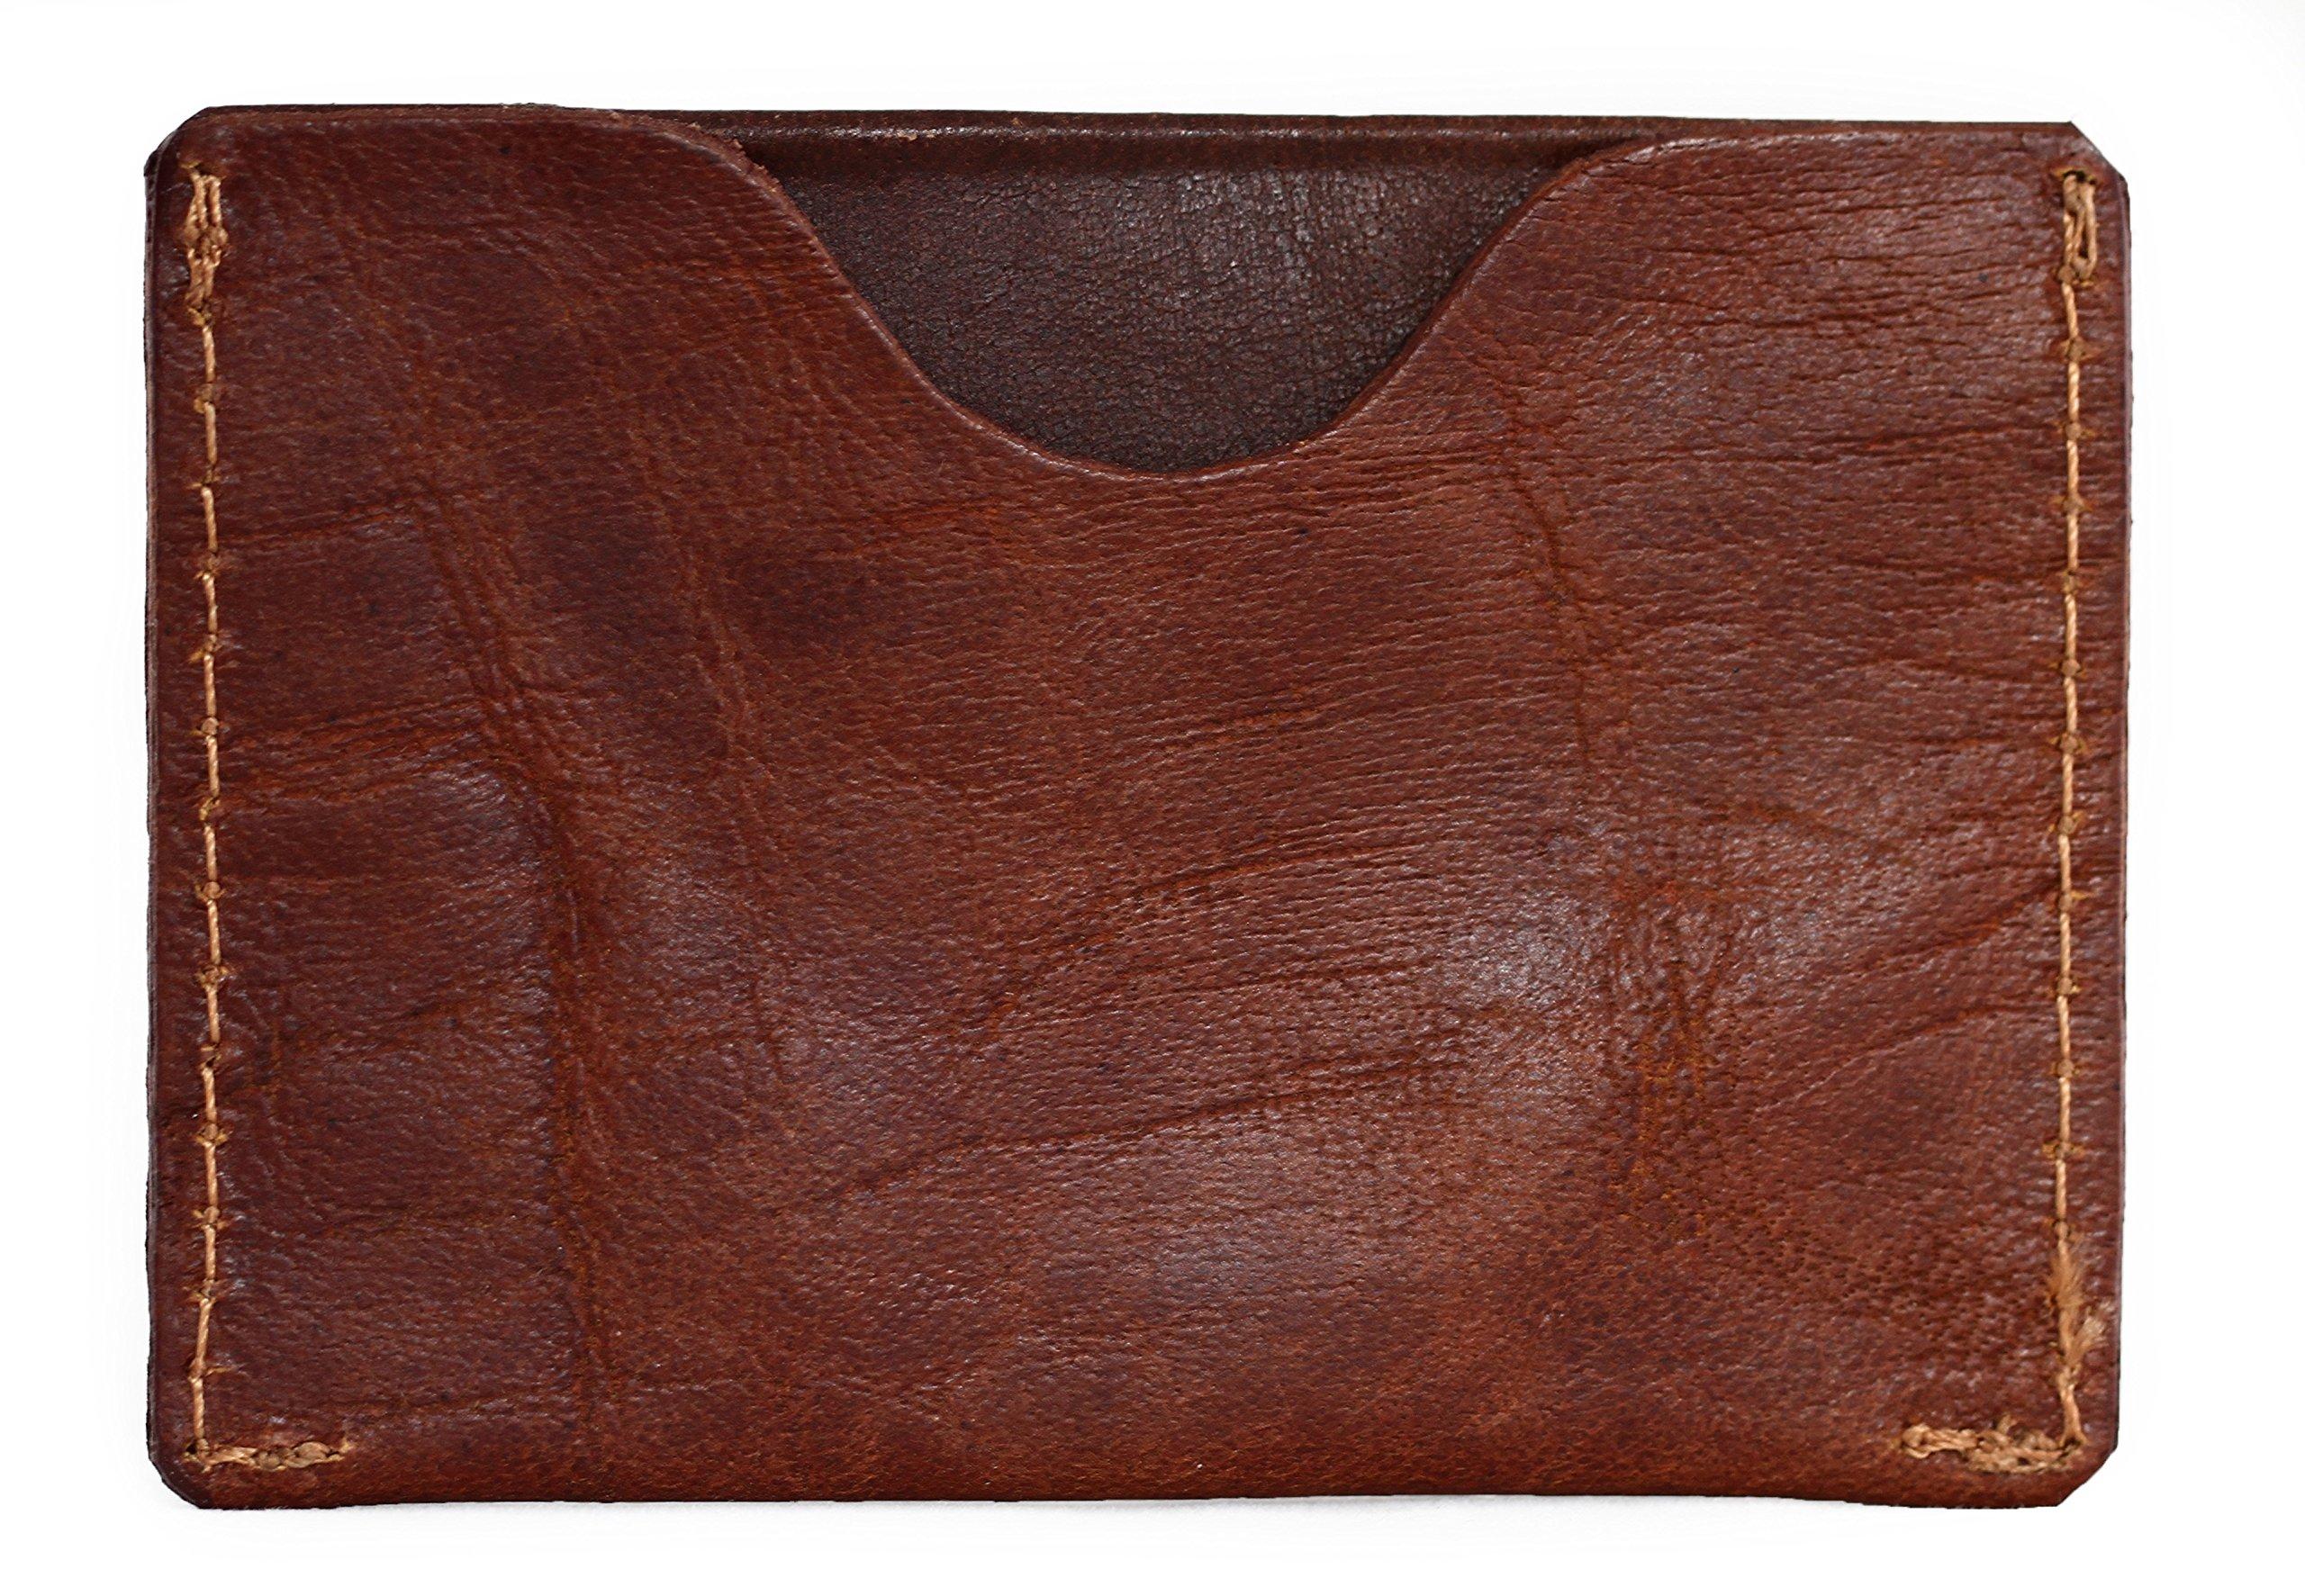 91XuVM7djuL - Gabin Tarjetero de Cuero marrón Tarjeta de crédito Tarjeta de fidelidad PAUL MARIUS